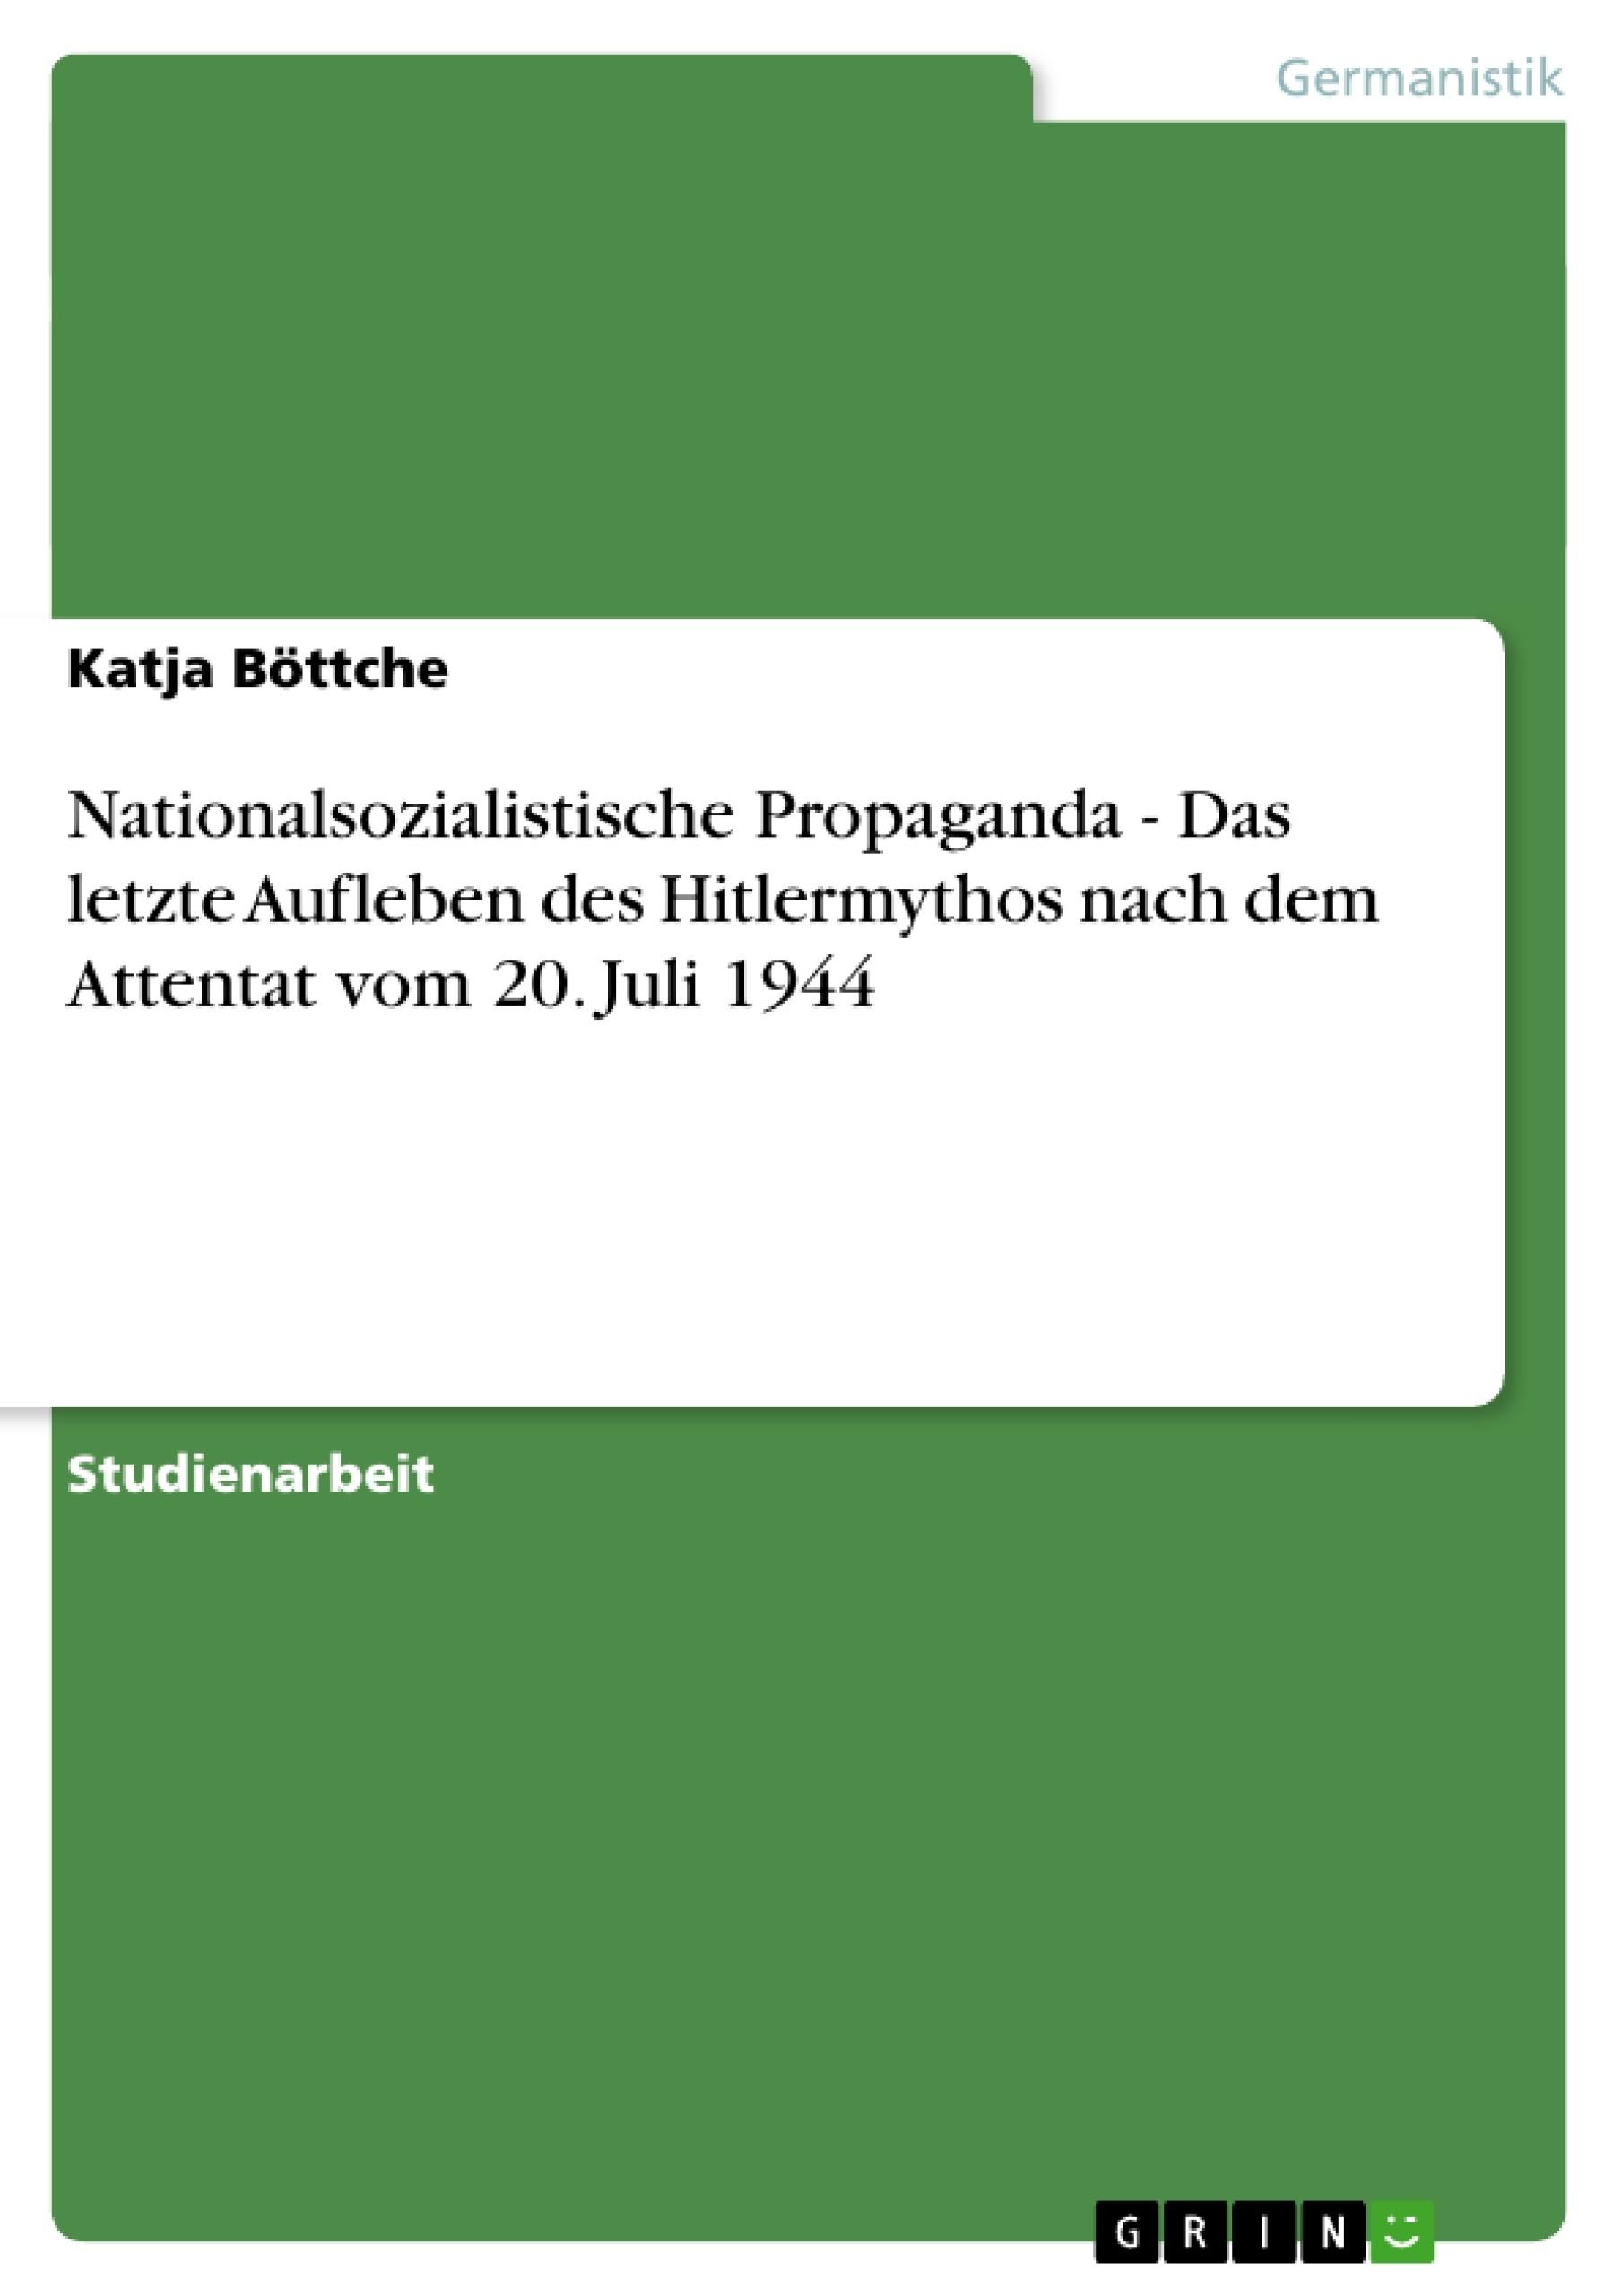 Titel: Nationalsozialistische Propaganda - Das letzte Aufleben des Hitlermythos nach dem Attentat vom 20. Juli 1944